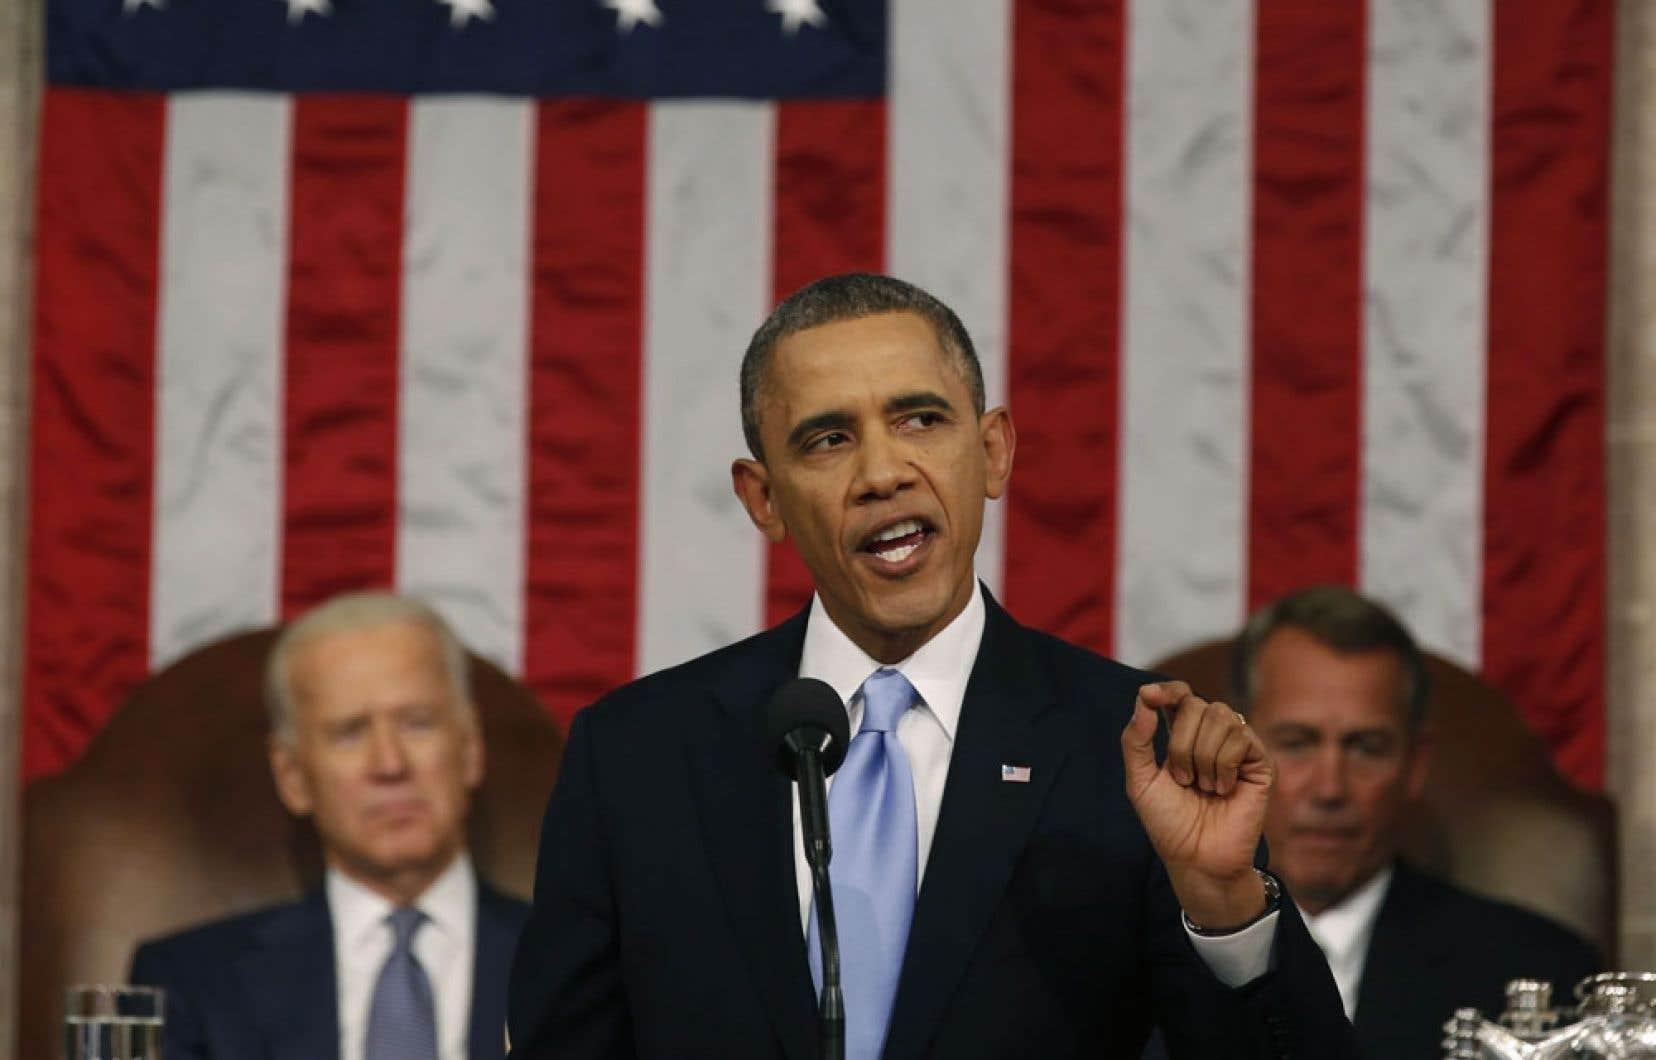 Il appartient aux élus de renverser la tendance menant vers une hausse des inégalités, a dit Barack Obama.